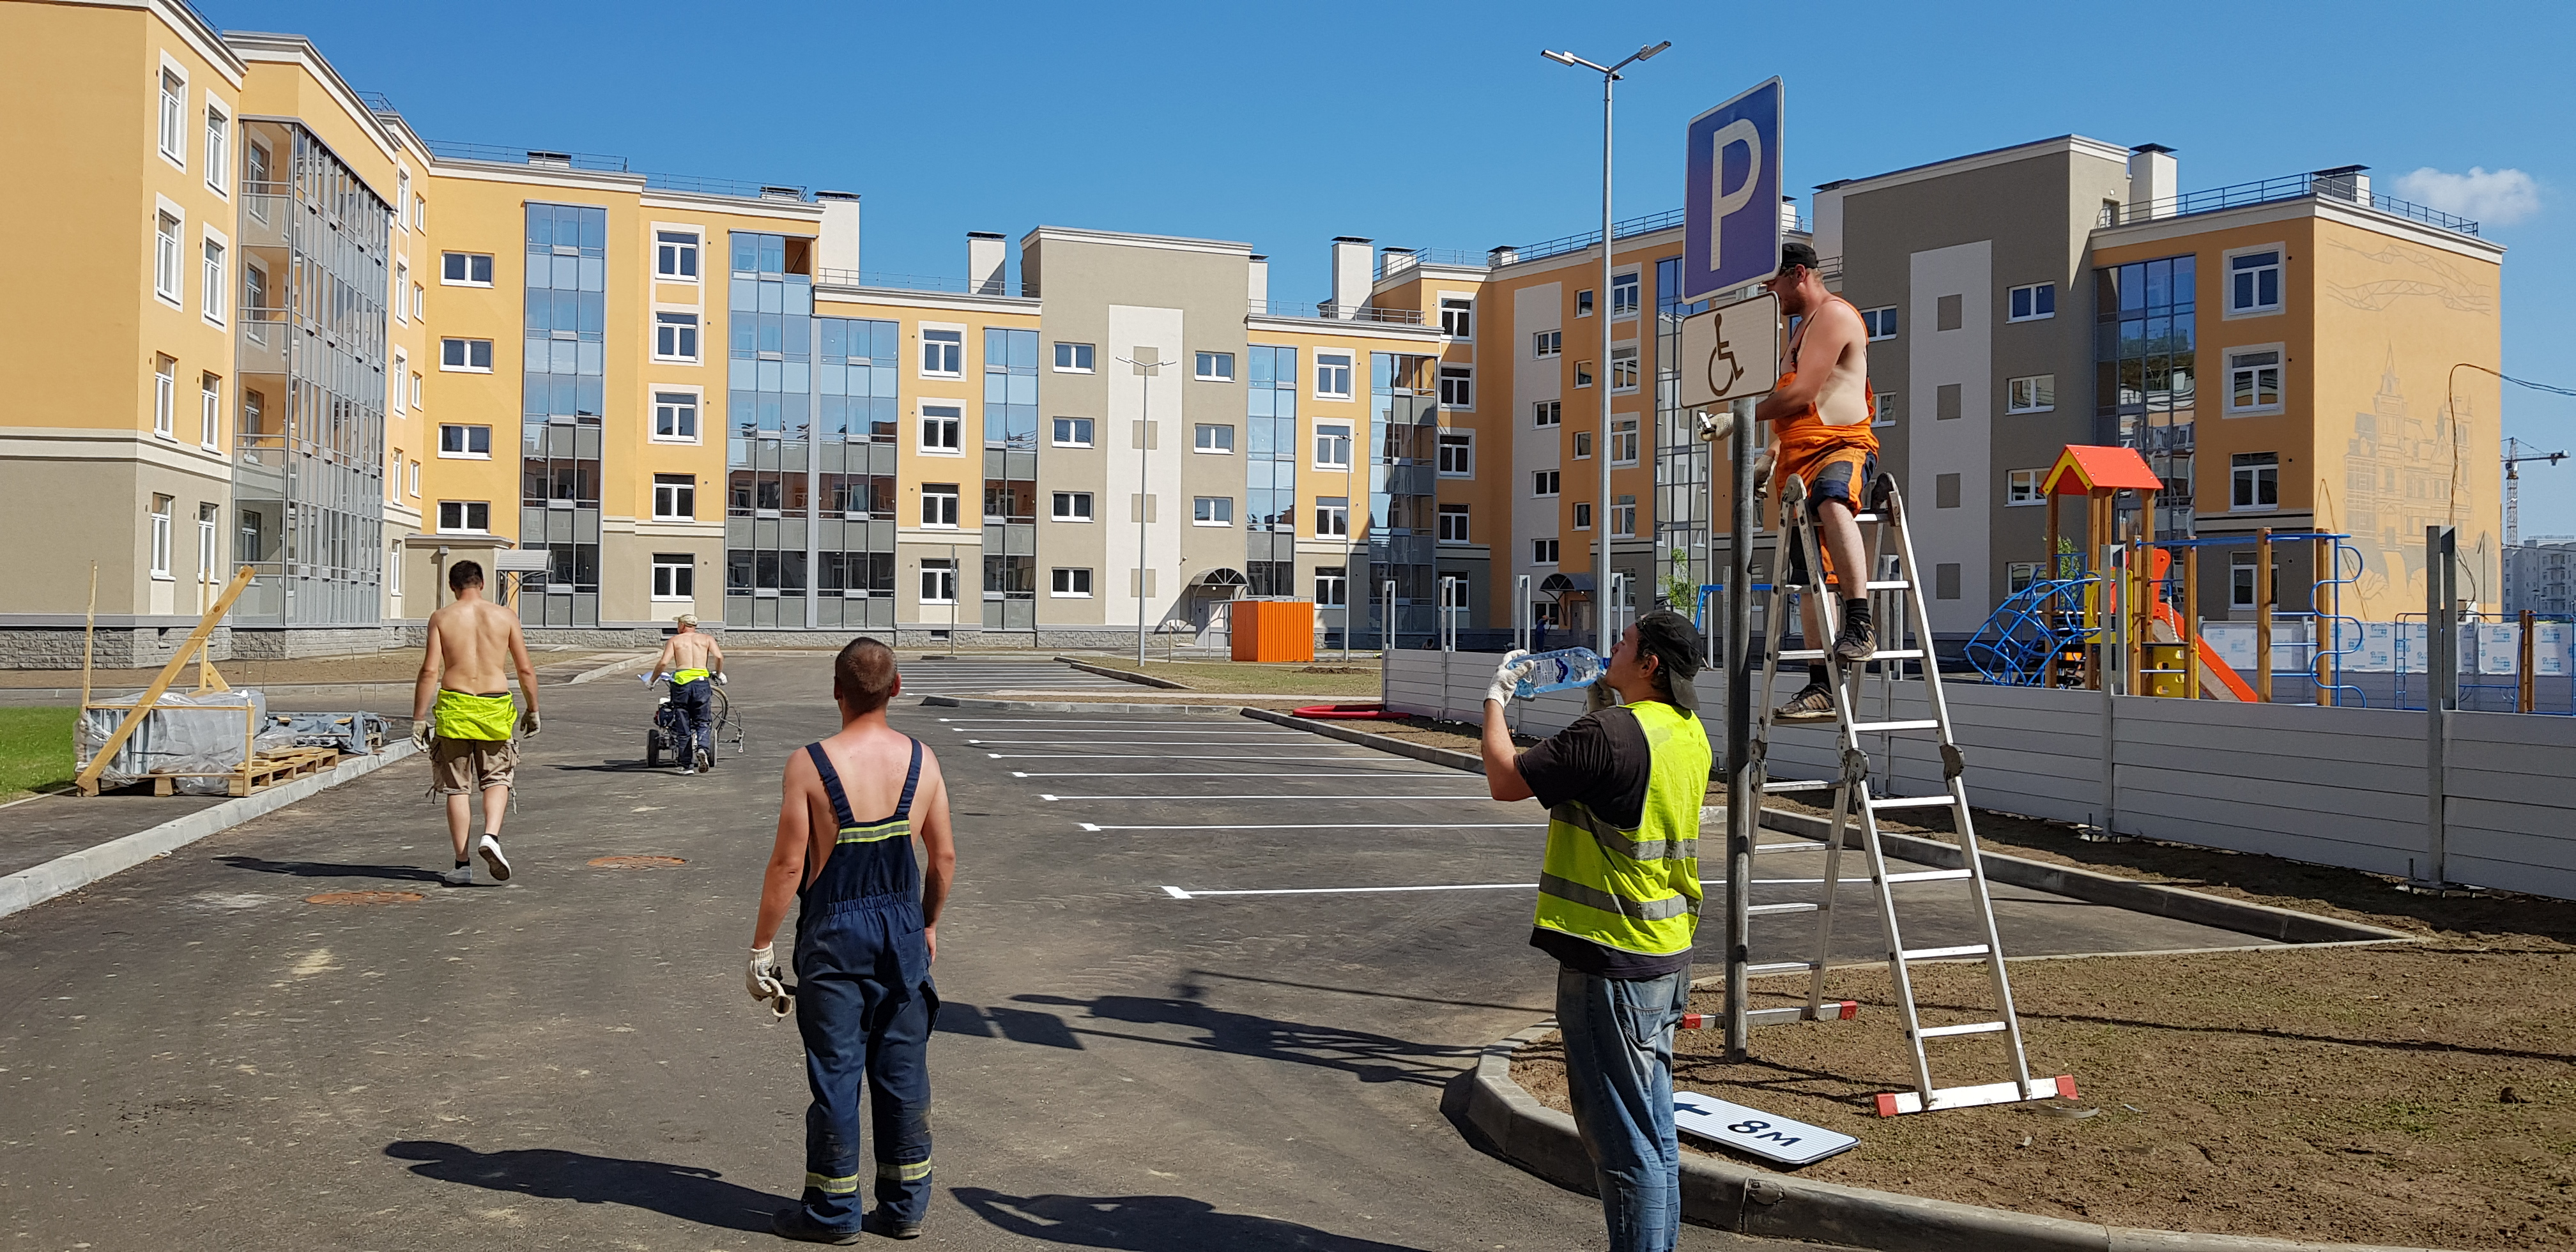 Установка дорожных знаков и нанесение разметки на внутридворовой парковке в ЖК «НОВОЕ СЕРТОЛОВО»